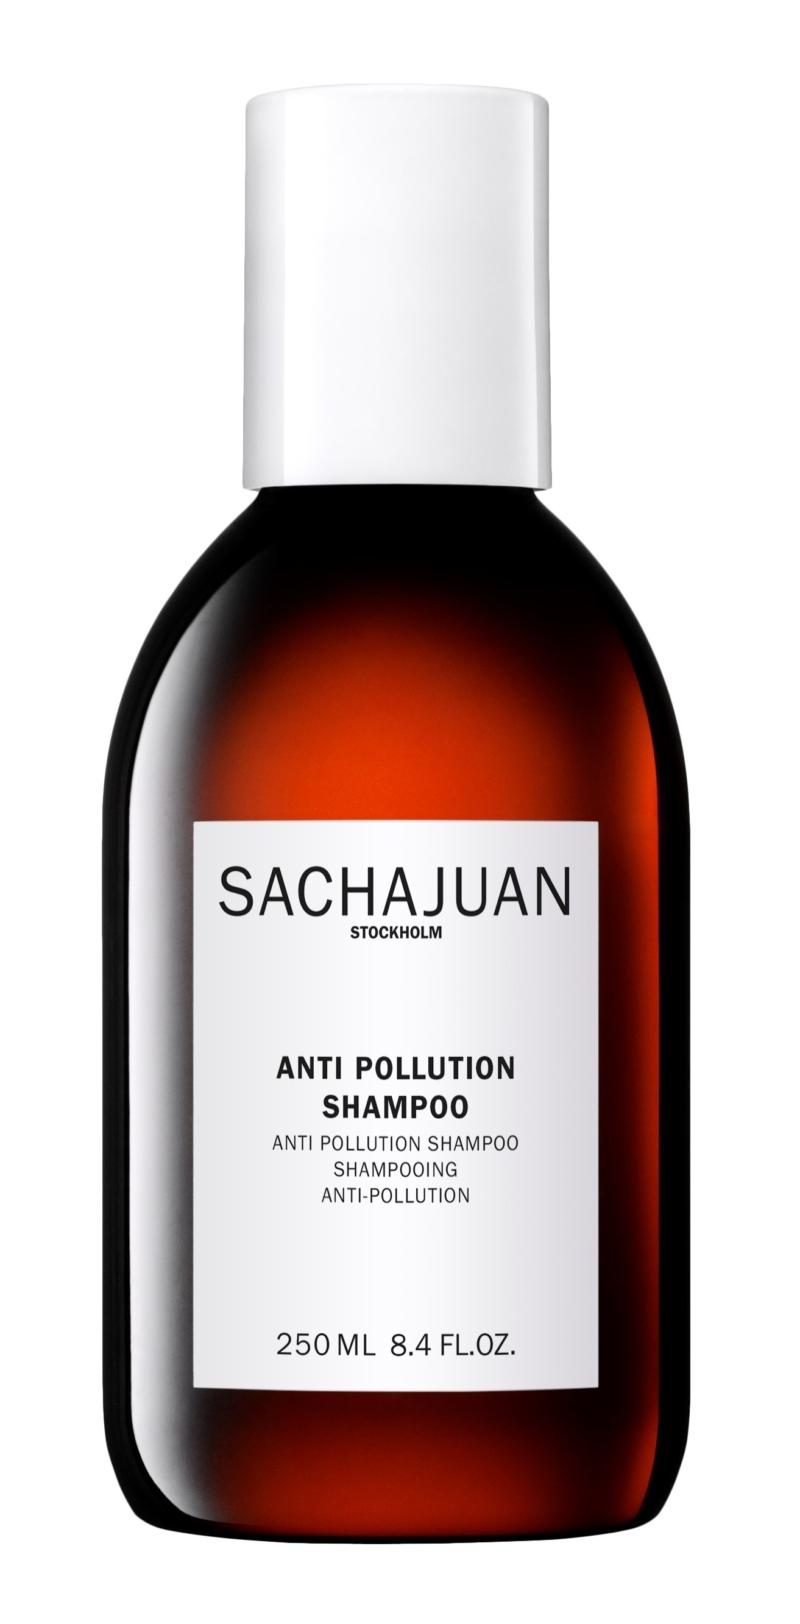 Sachajuan anti pollution er nomineret til årets beautyaward